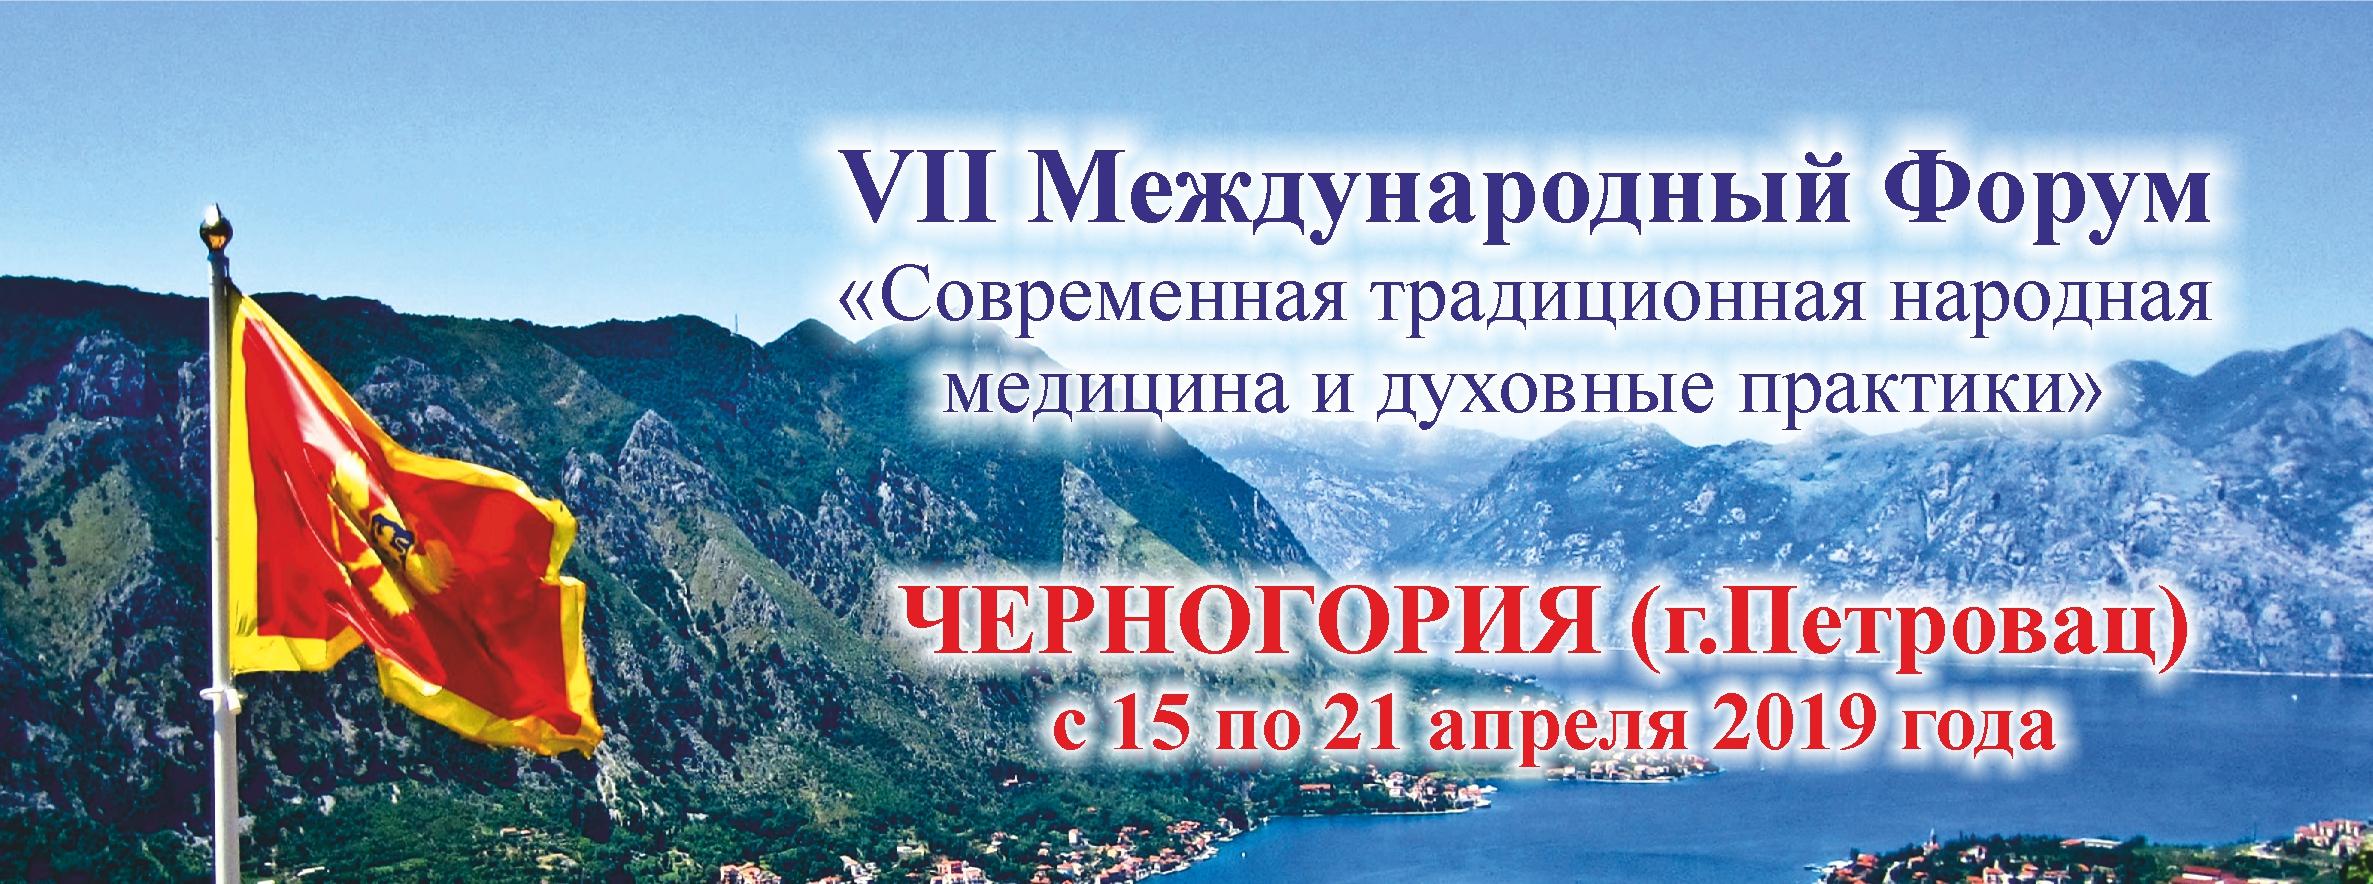 Сайта Черногория 1 1 - Для Сайта Черногория 1